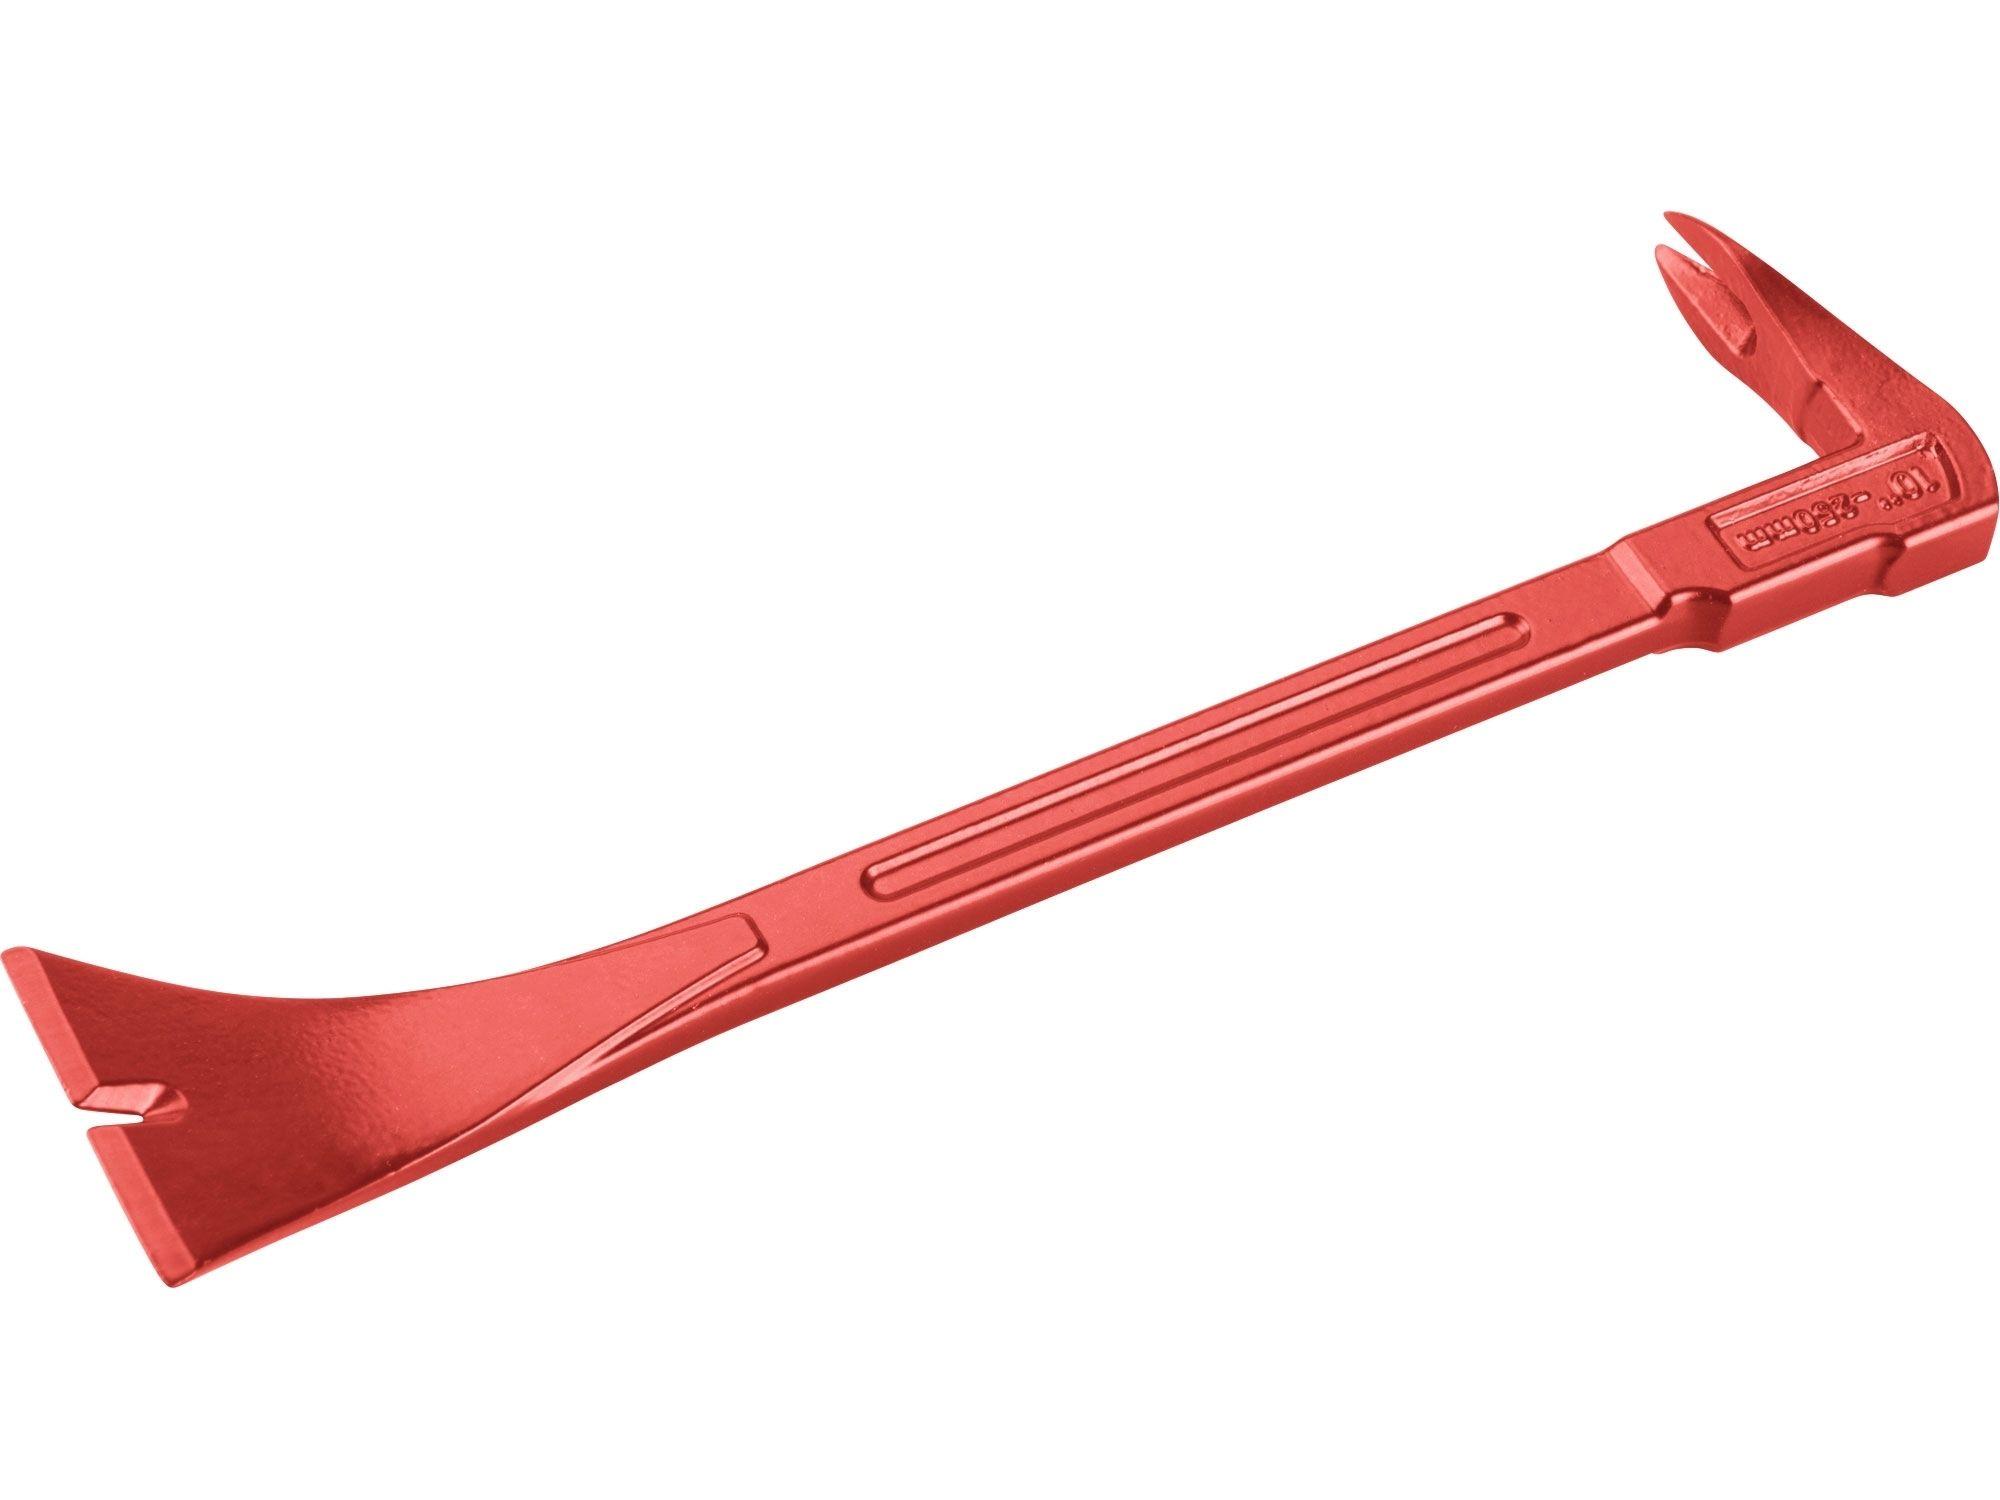 Vytahovač hřebíků-páčidlo, 250mm, kované EXTOL-PREMIUM